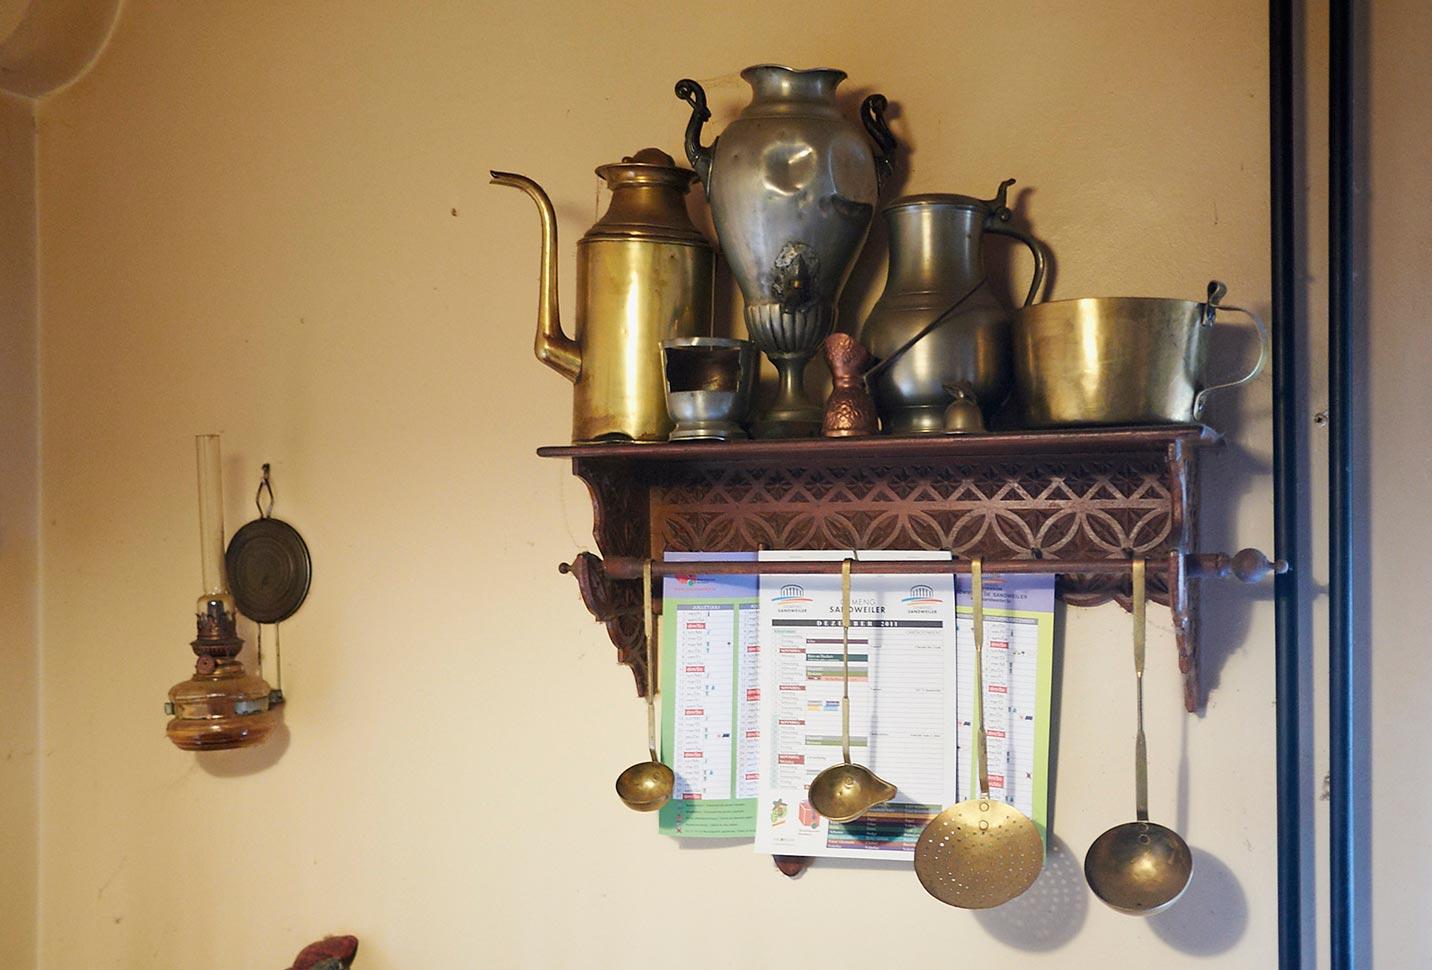 Ustensiles de cuisine / Küchengeschirr, Birelerhof